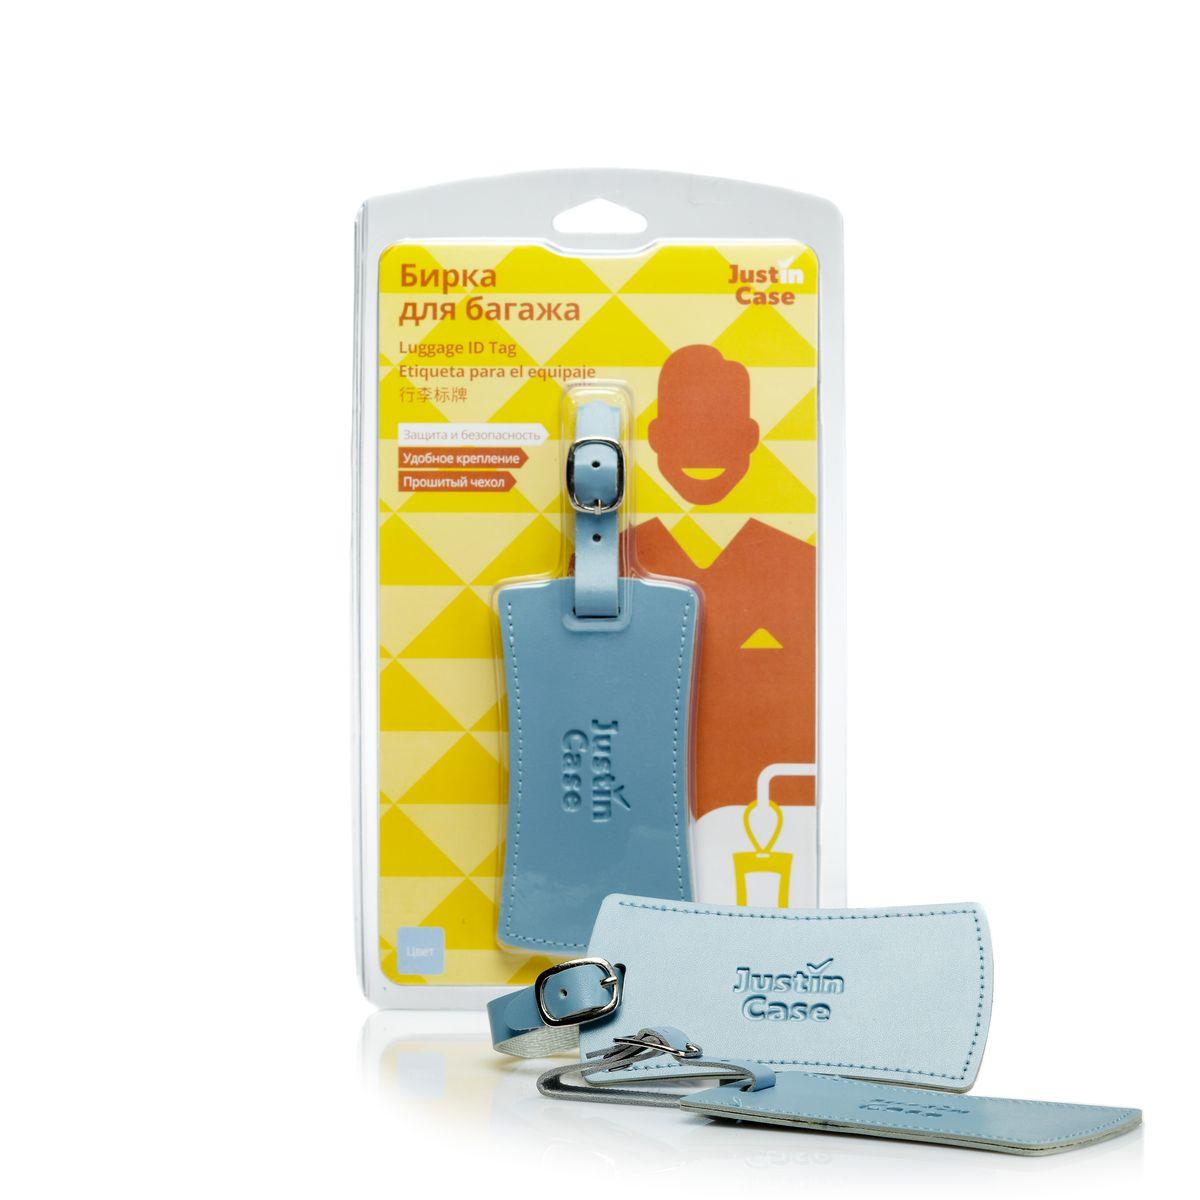 Бирка для багажа JustinCase, цвет: голубой, 2 штC528Бирка для багажа JustinCase изготовлена из искусственной кожи на основе полиуретана. Имеет прошитый износоустойчивый чехол, карточку для записи контактных данных, гибкое регулируемое крепление. Такая бирка для багажа с вашими контактными данными в случае утери поможет вашему чемодану найтись как можно быстрее. Также она поможет легко опознать багаж на ленте транспортера. Если у вас есть визитная карточка, вы можете просто вложить ее в такую бирку - по размеру как раз поместится.В наборе - две бирки.Материал: искусственная кожа на основе полиуретана, металл.Размер бирки (без учета ремешка): 6 см х 11 см х 0,2 см.